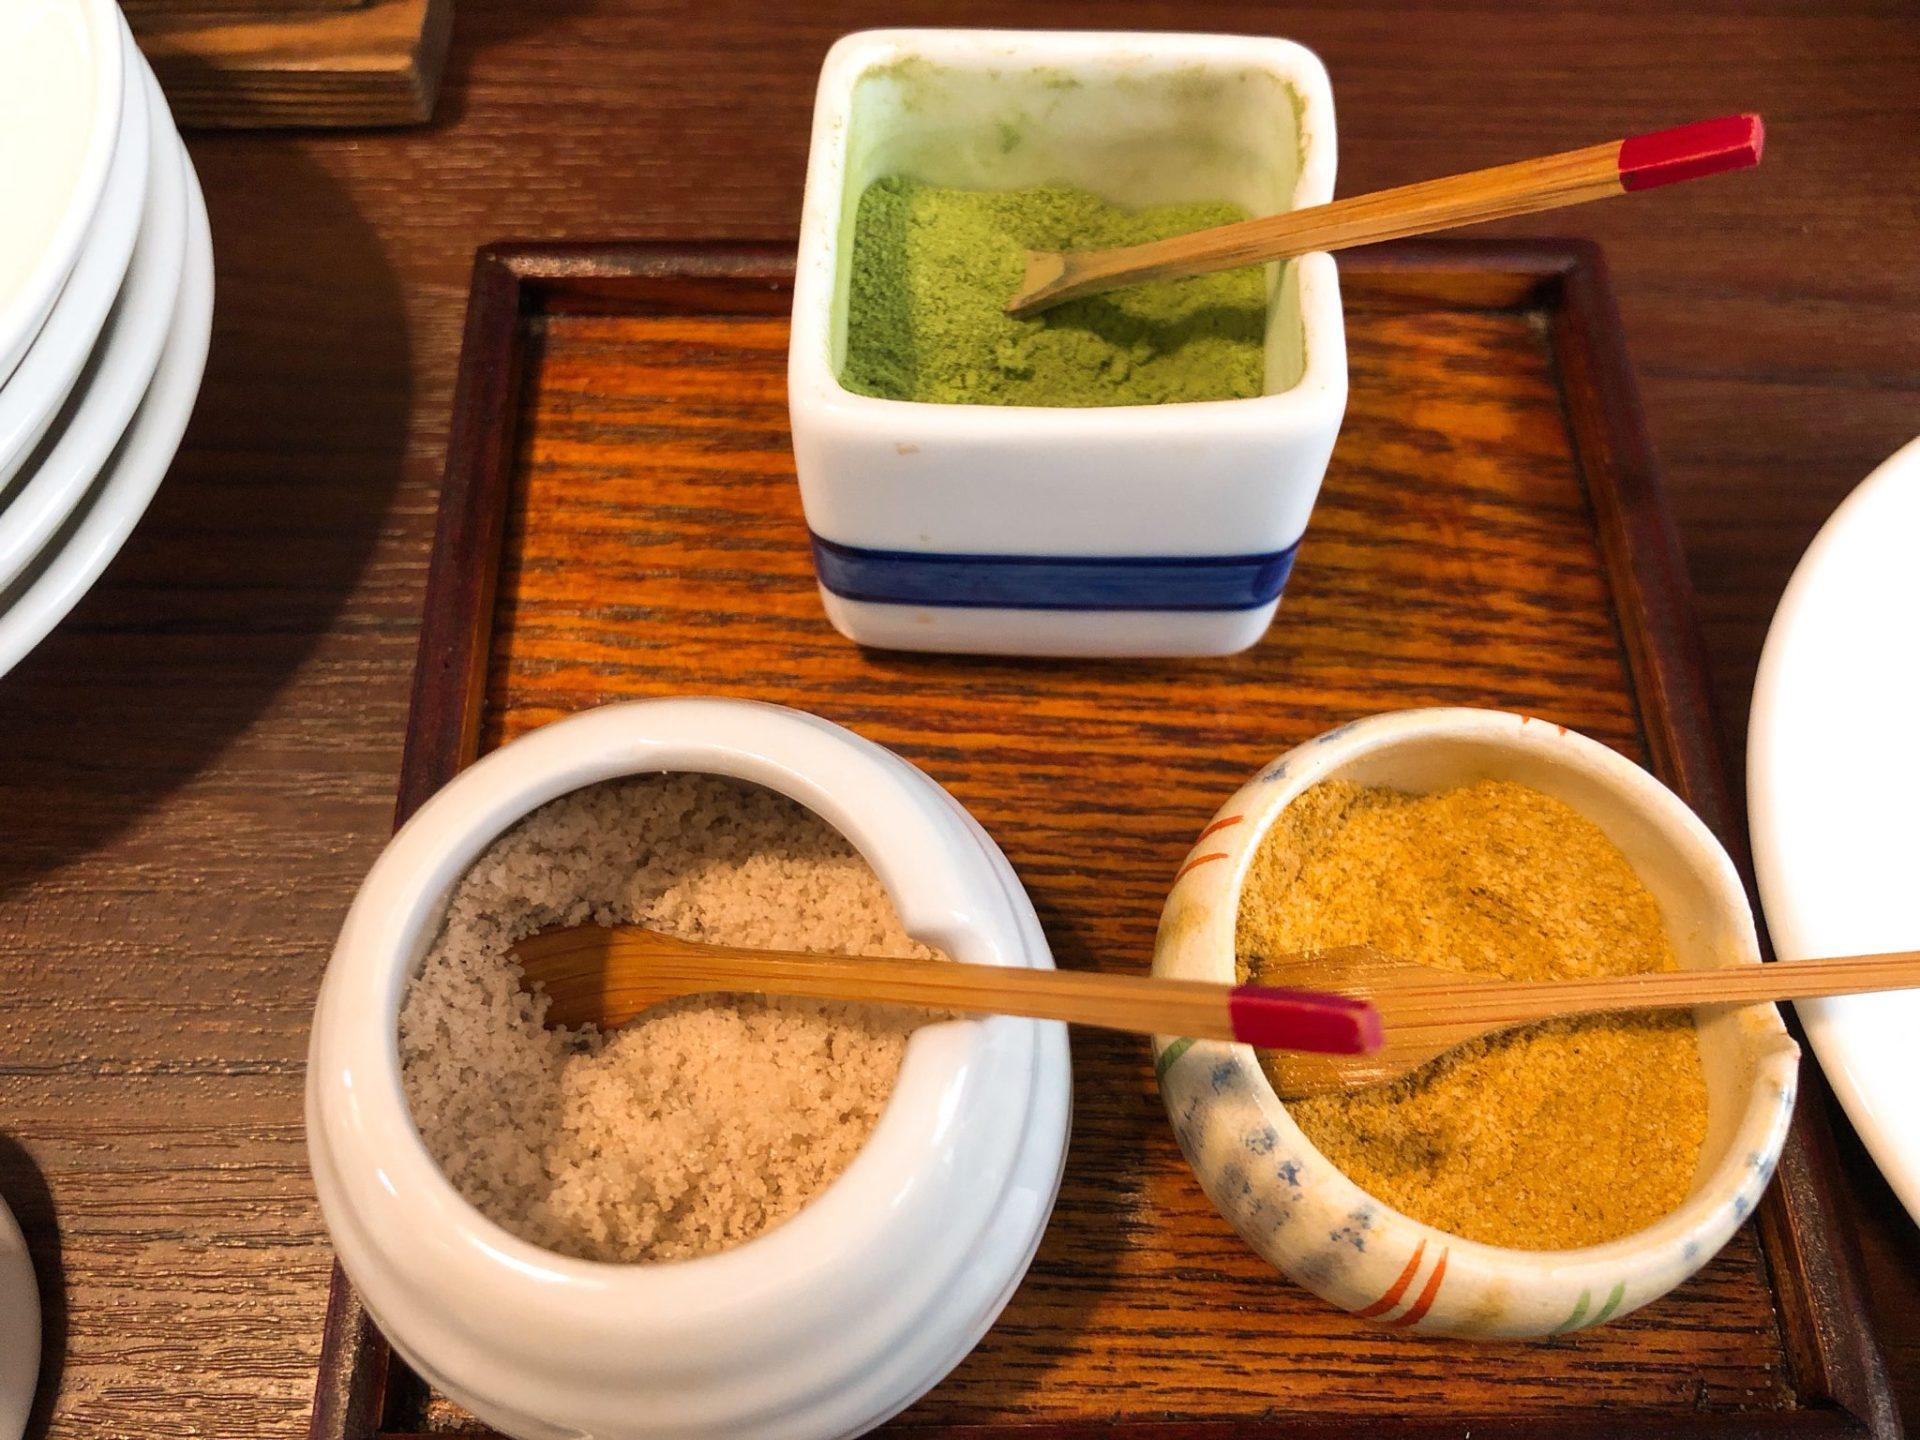 長岡屋 祖師ヶ谷大蔵はカレー塩、抹茶塩、藻塩がある